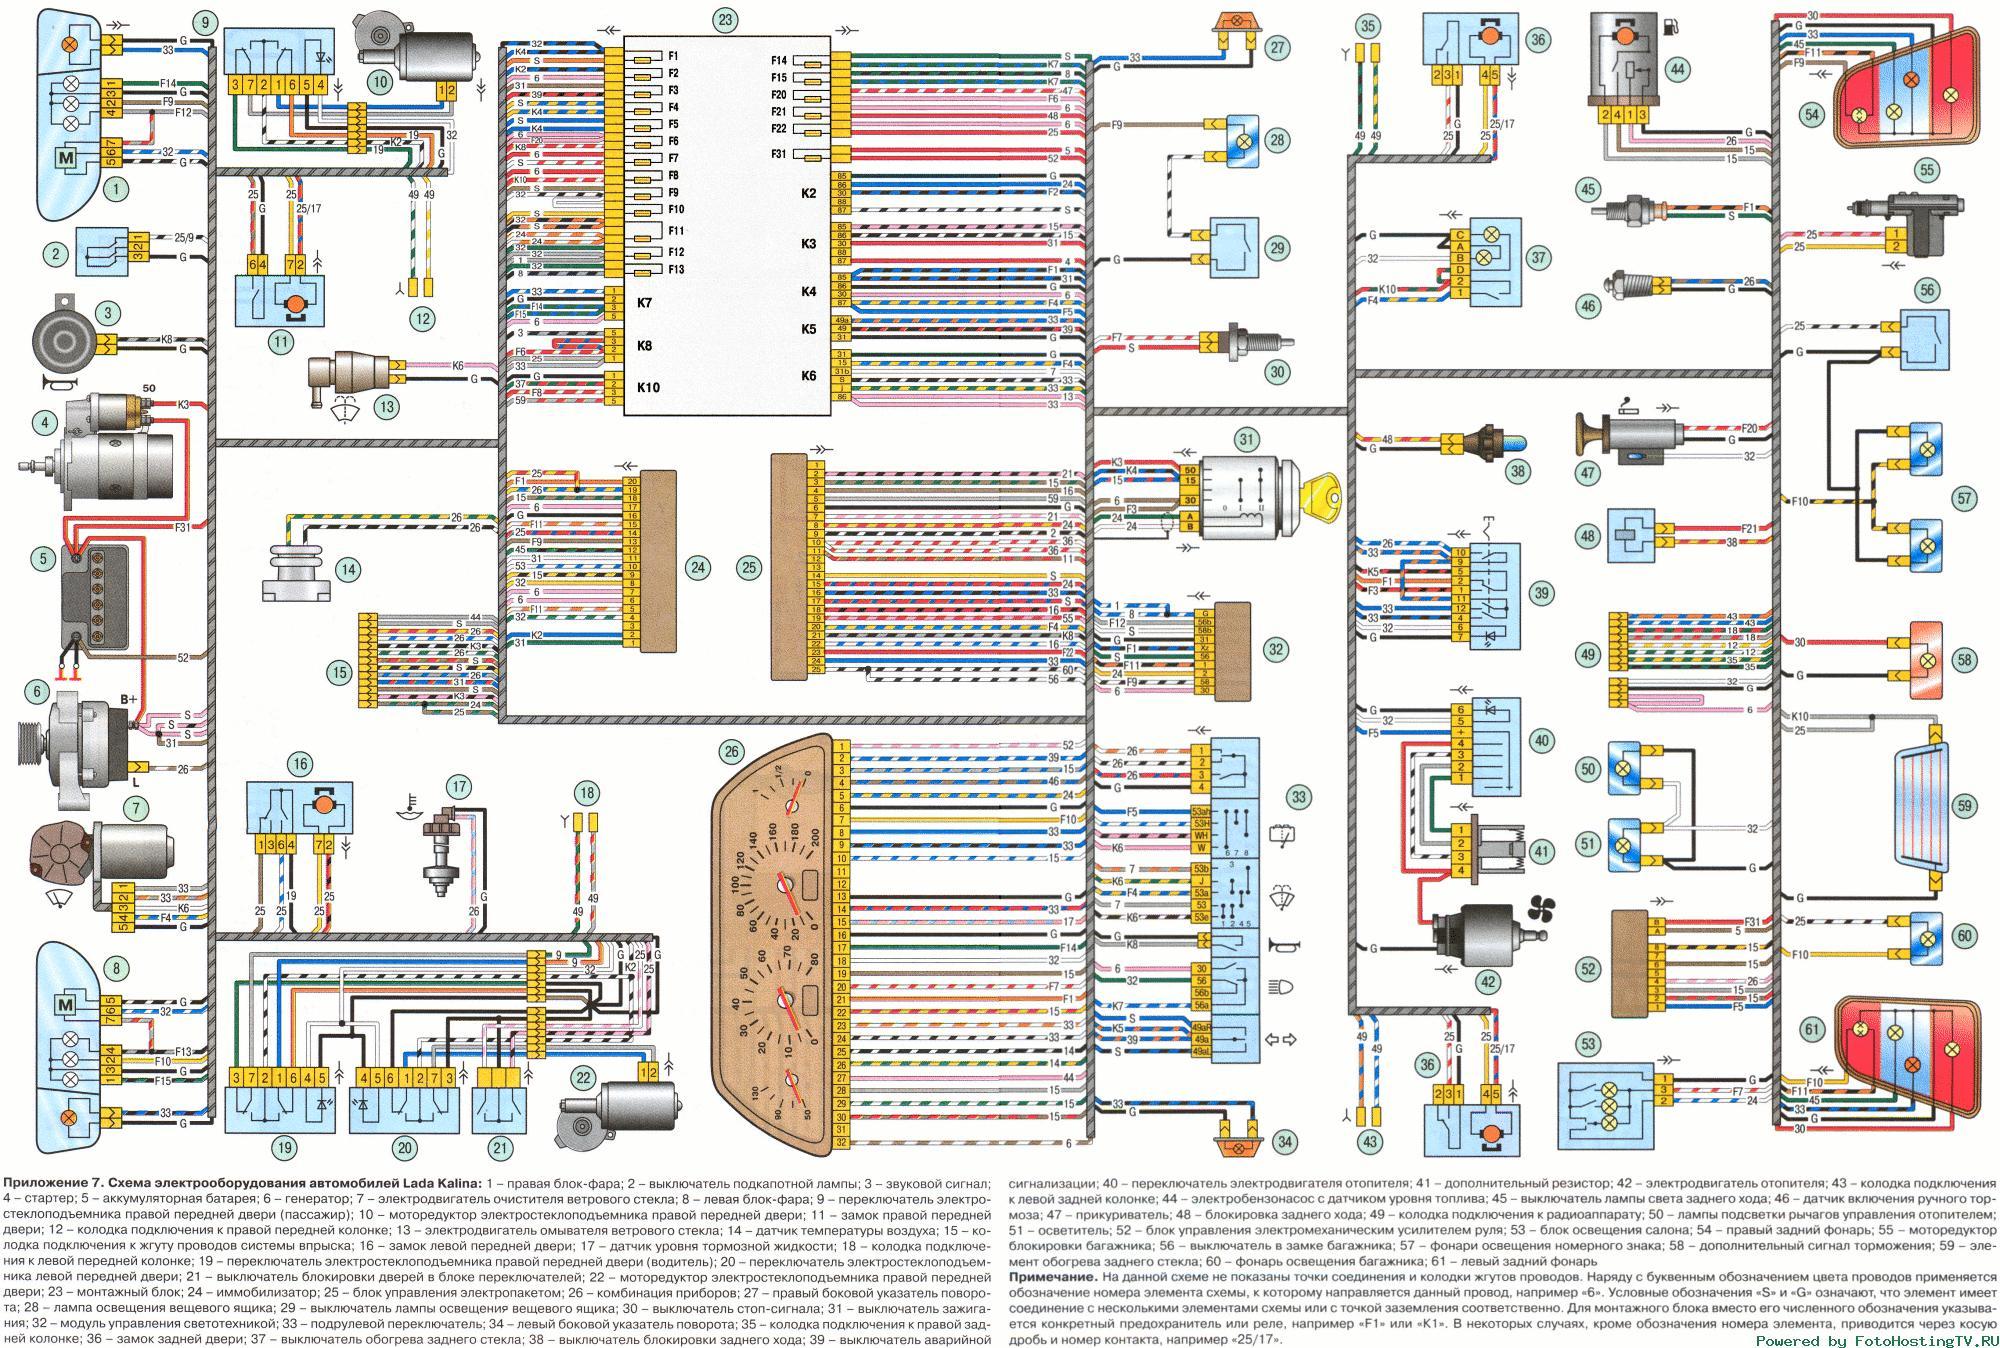 электросхемасхема ваз-2131 2002г